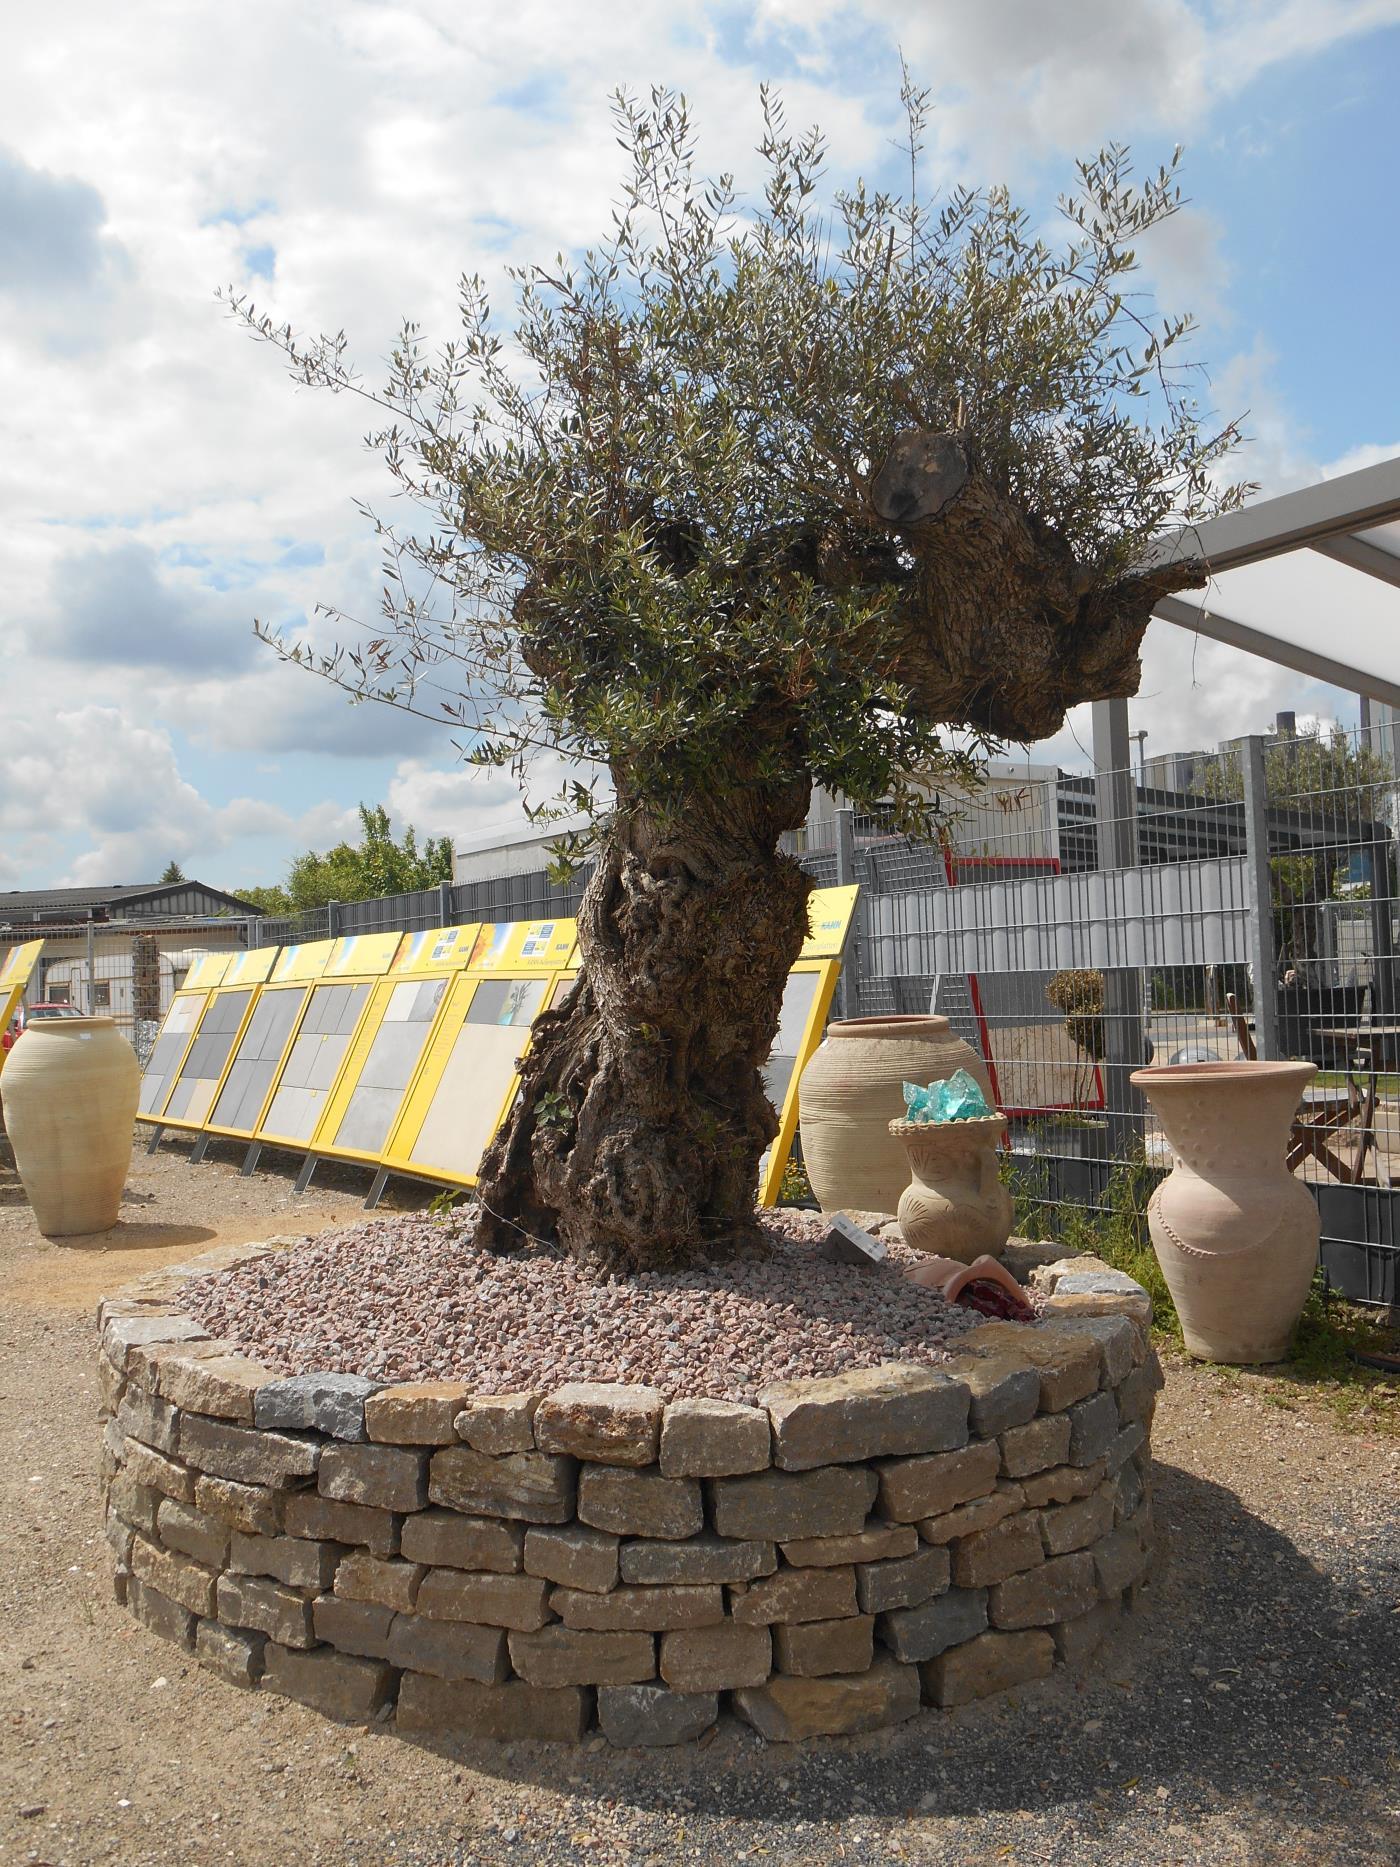 mediterrane pflanzen natursteine dayan. Black Bedroom Furniture Sets. Home Design Ideas